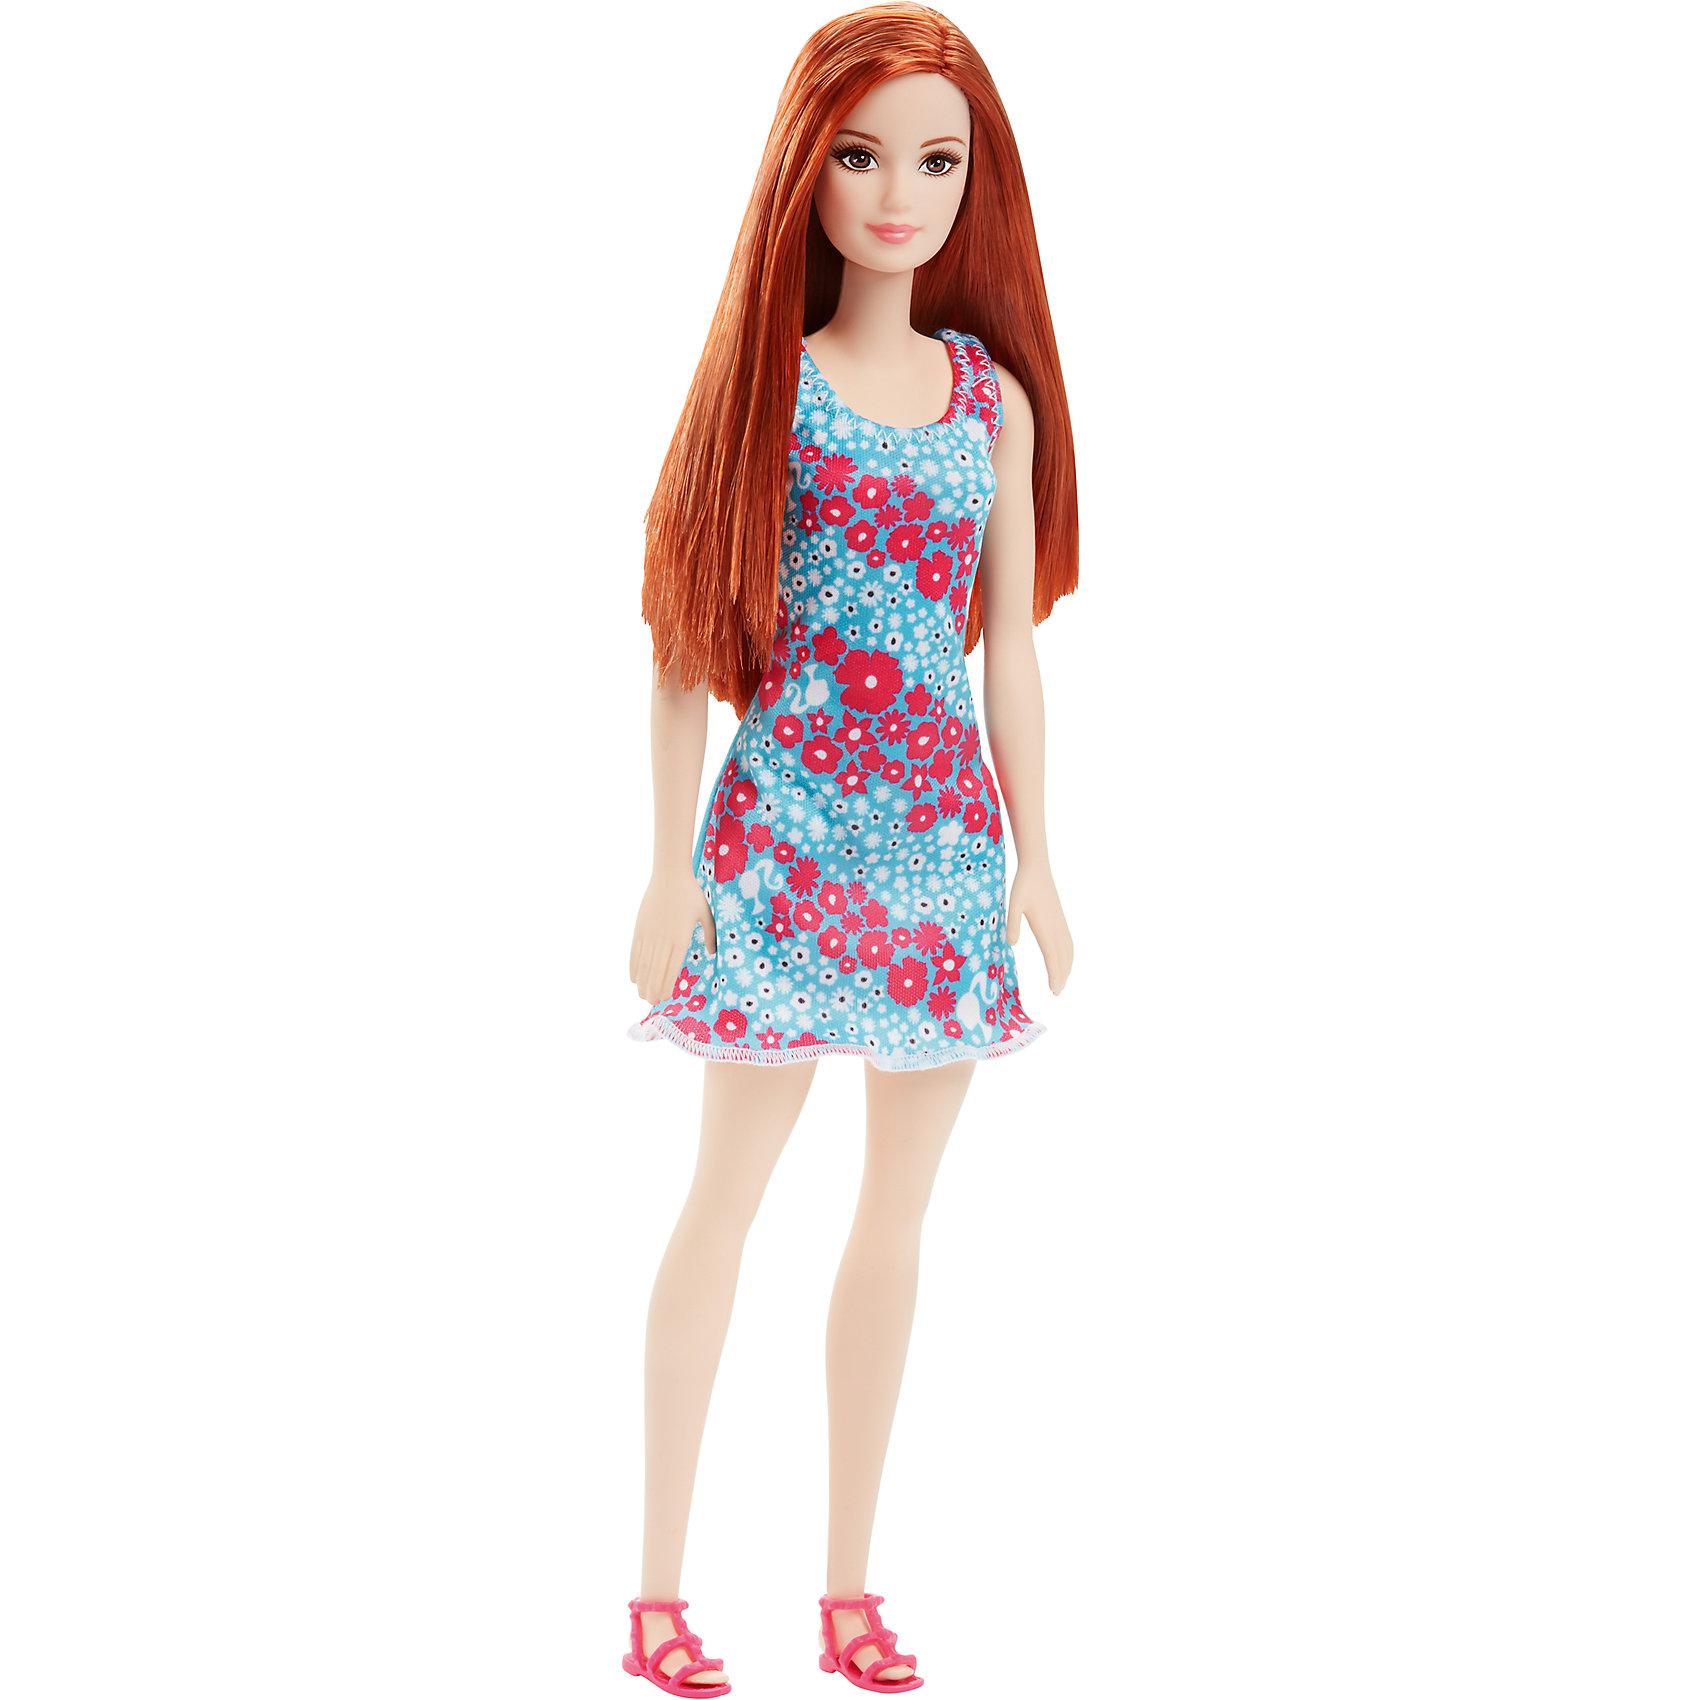 Кукла из серии Стиль, BarbieBarbie<br>Кукла из серии Стиль, Barbie (Барби) ? самая любимая и популярная кукла среди девочек разных возрастов представлена в новой серии Стиль. Кукла выполнена из экологично безопасного резины и пластика, волосы изготовлены из нейлона. У куклы голова, руки и ноги двигаются.<br>У Barbie серии Стиль длинные светлые слегка волнистые волосы. Она одета в стильное короткое приталенное платье розового цвета на бретелях, украшенного принтом из с крупными цветами. Бретельки и низ платья оформлены кантом. На ногах Барби съемные босоножки на каблуке.<br>Кукла из серии Стиль, Barbie (Барби) может быть отличным вариантом в качестве подарка для девочки к любому торжеству или в качестве коллекционной куклы.<br><br>Дополнительная информация:<br><br>- Вид игр: сюжетно-ролевые <br>- Предназначение: для дома<br>- Серия: Стиль<br>- Материал: пластик, резина, текстиль<br>- Размер (Д*Ш*В): 6*5*8 см<br>- Вес: 158 г <br>- Особенности ухода: куклу можно купать, аксессуары ? мыть в теплой мыльной воде, платье ? ручная стирка<br><br>Подробнее:<br><br>• Для детей в возрасте: от 3 лет и до 10 лет<br>• Страна производитель: Индонезия<br>• Торговый бренд: Barbie<br><br>Куклу из серии Стиль, Barbie (Барби) можно купить в нашем интернет-магазине.<br><br>Ширина мм: 60<br>Глубина мм: 50<br>Высота мм: 80<br>Вес г: 158<br>Возраст от месяцев: 36<br>Возраст до месяцев: 120<br>Пол: Женский<br>Возраст: Детский<br>SKU: 4918451